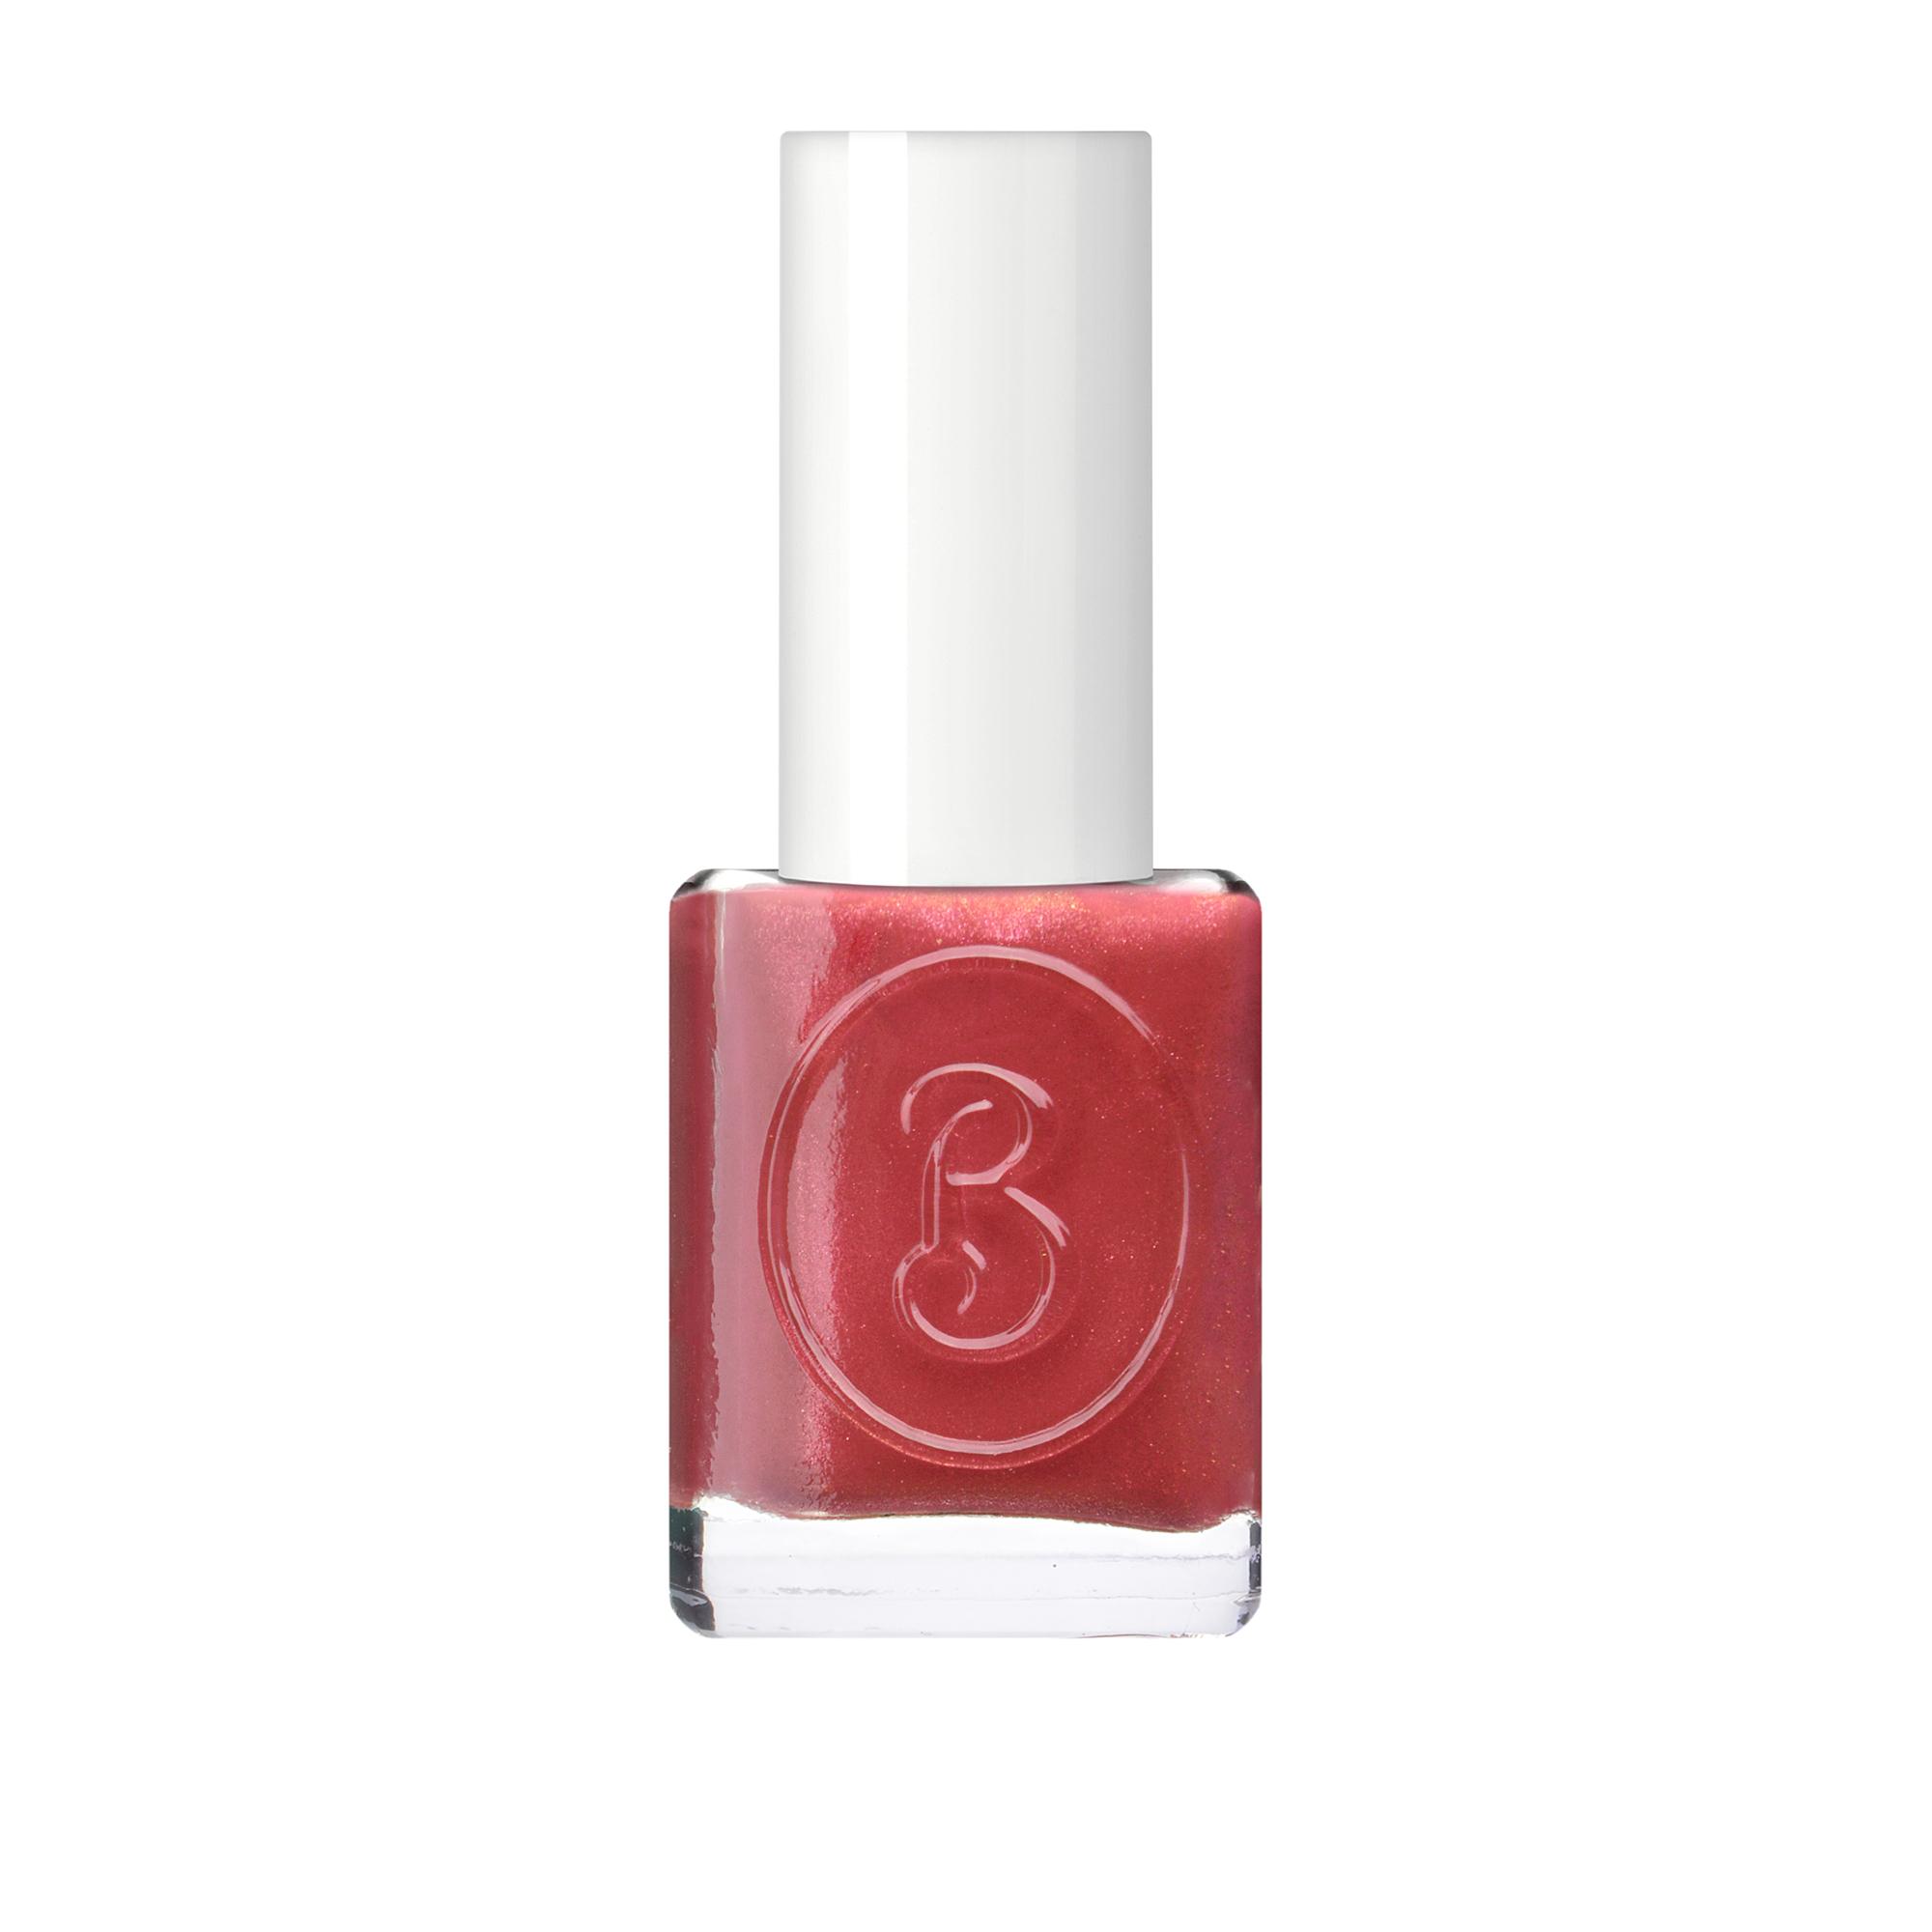 BERENICE Лак для ногтей роскошное платья тон 38 luxury dress / BERENICE 16 мл